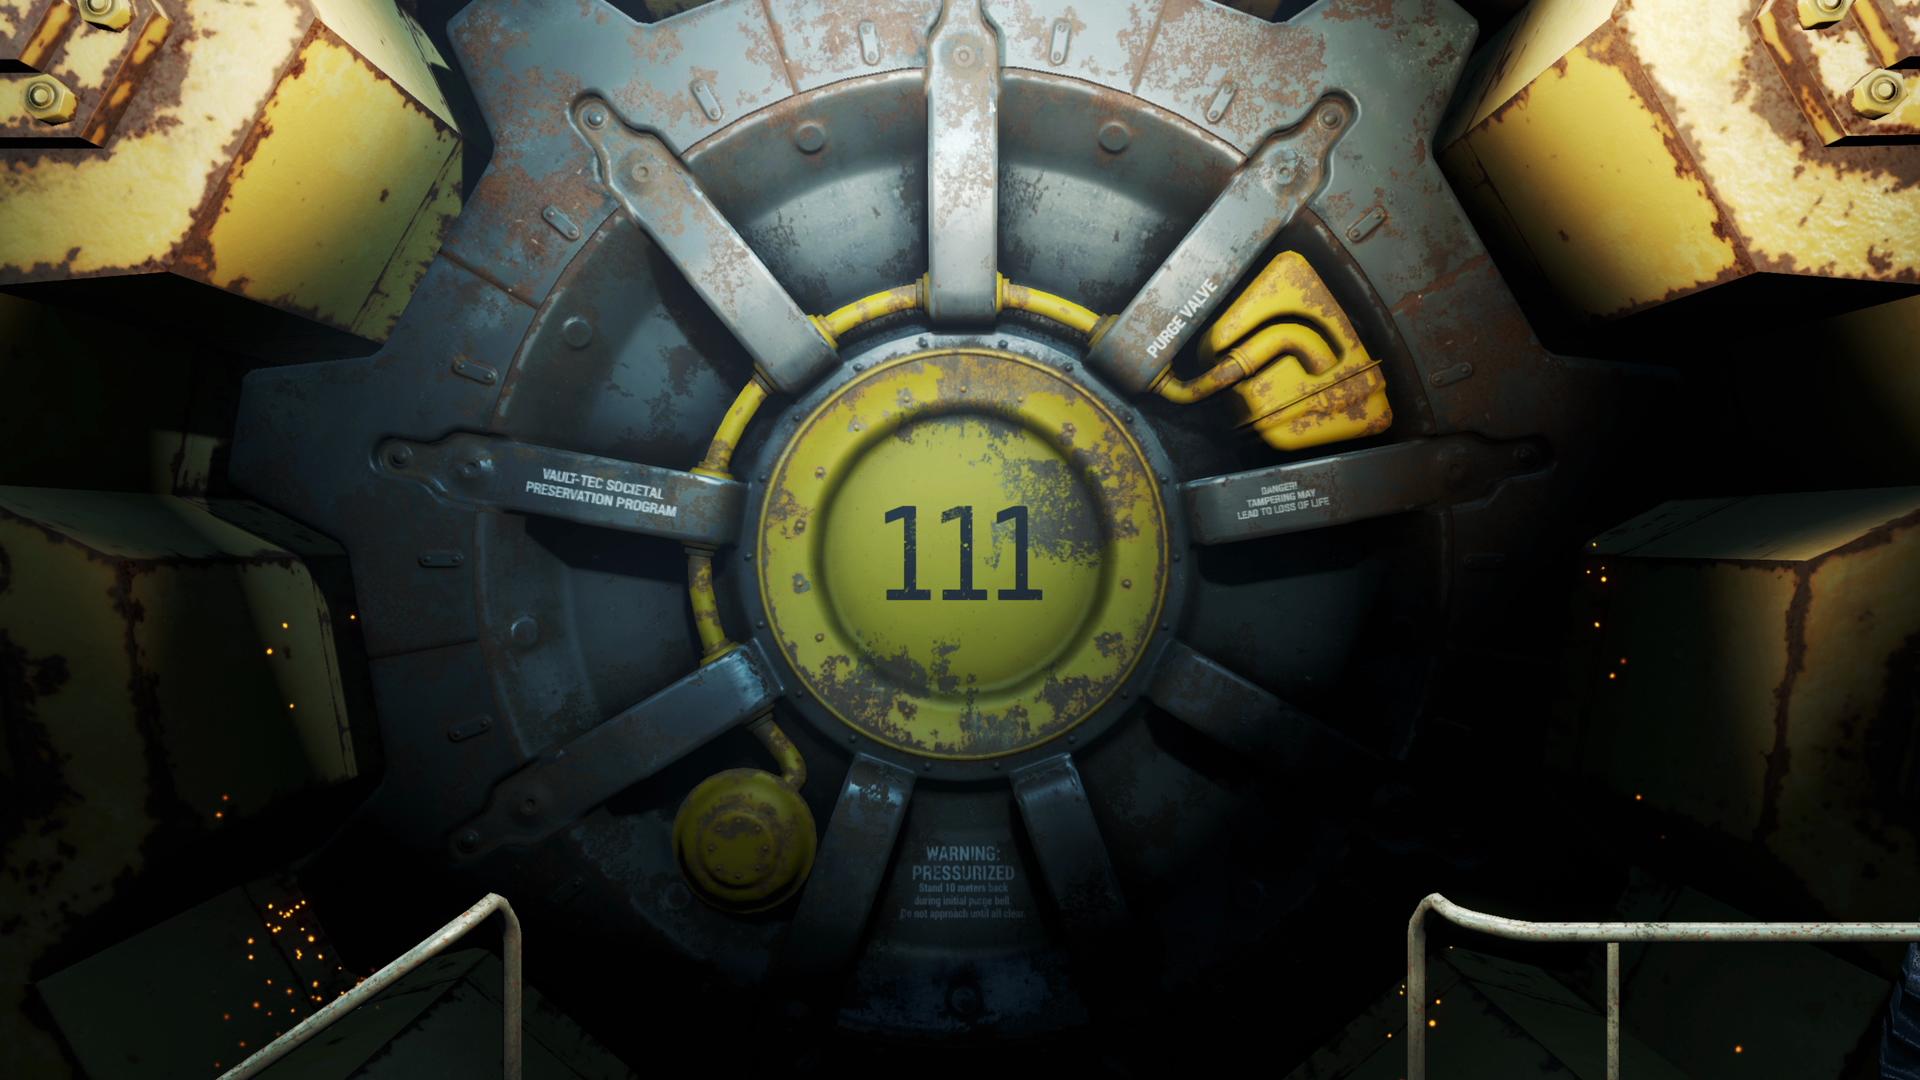 Pamiętacie Fallout Shelter? Darmowa gra wjechała na Windows 10. Tylko… po co?